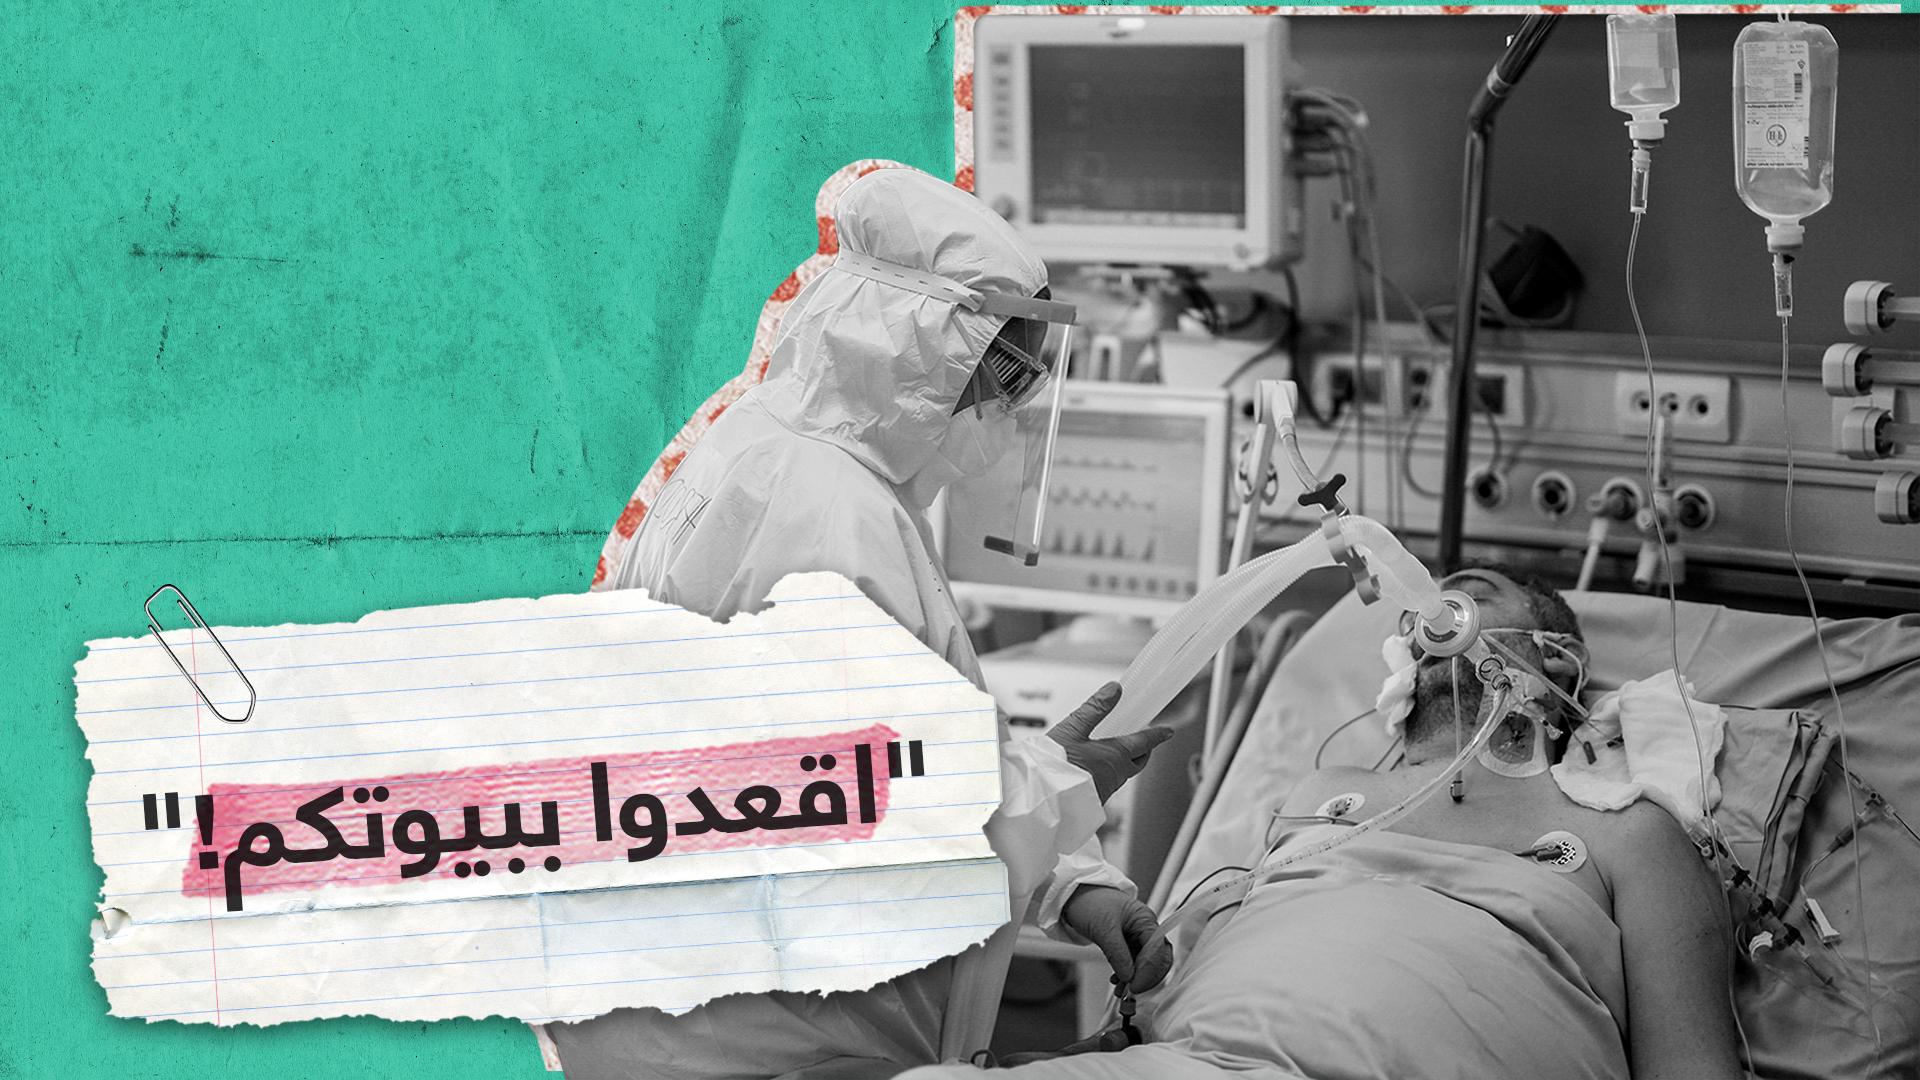 من مستشفى فرنسي.. شاب لبناني مصاب بكورونا يوجه رسالة للعالم